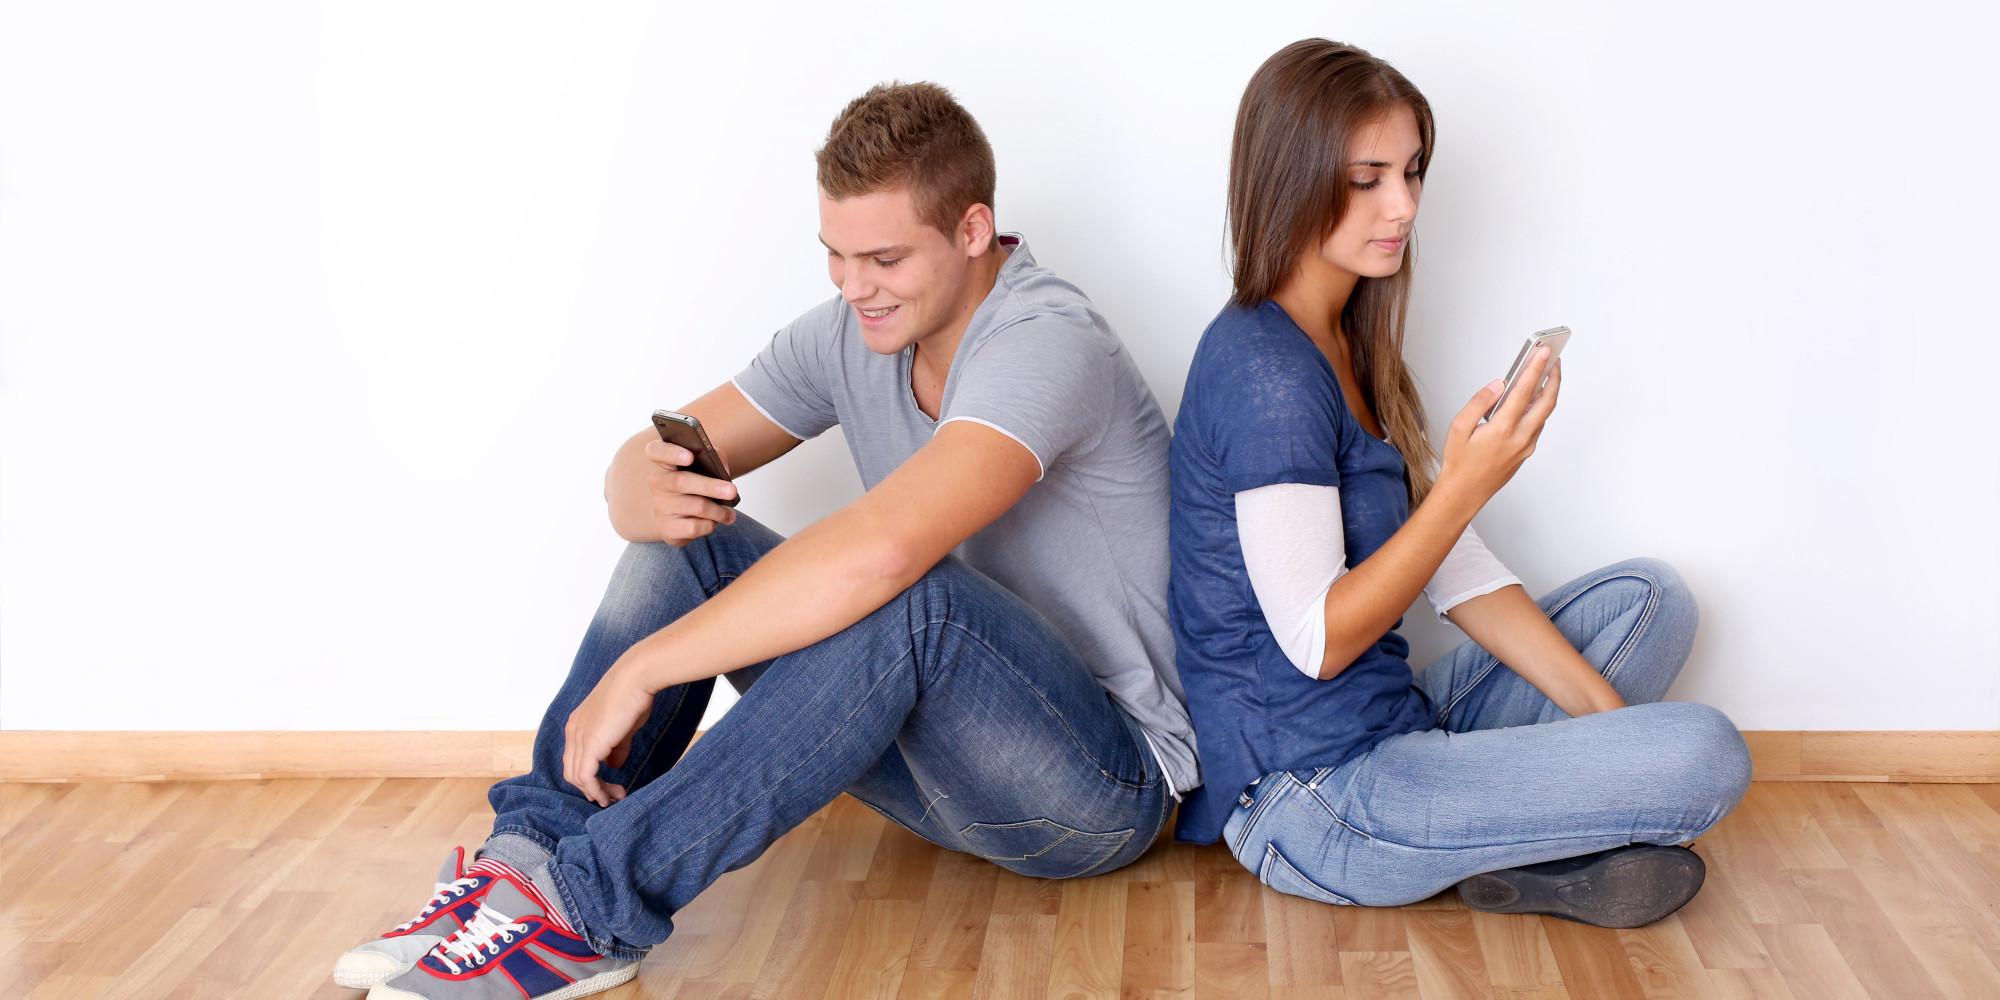 Jogo do Texto 2.0, Atraia Mulheres Com Sua Persuasão